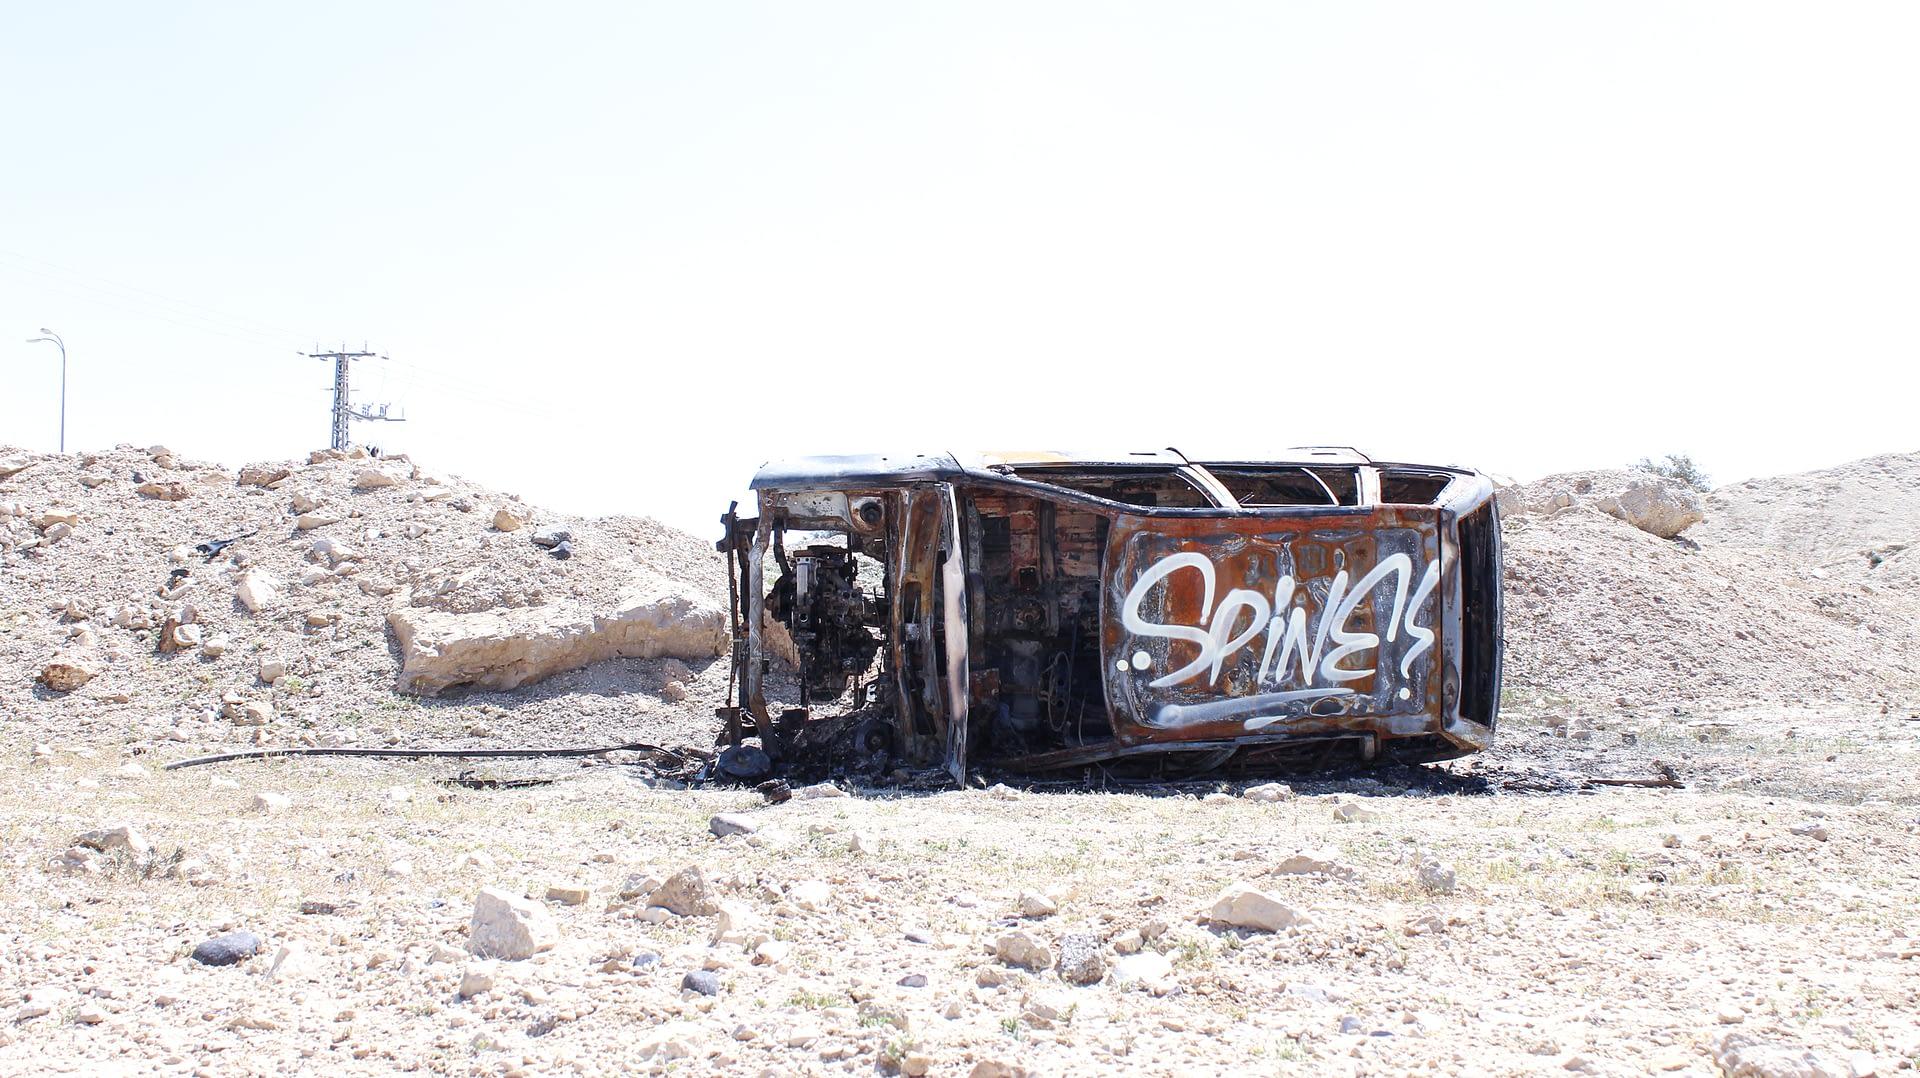 spineb7 graffiti